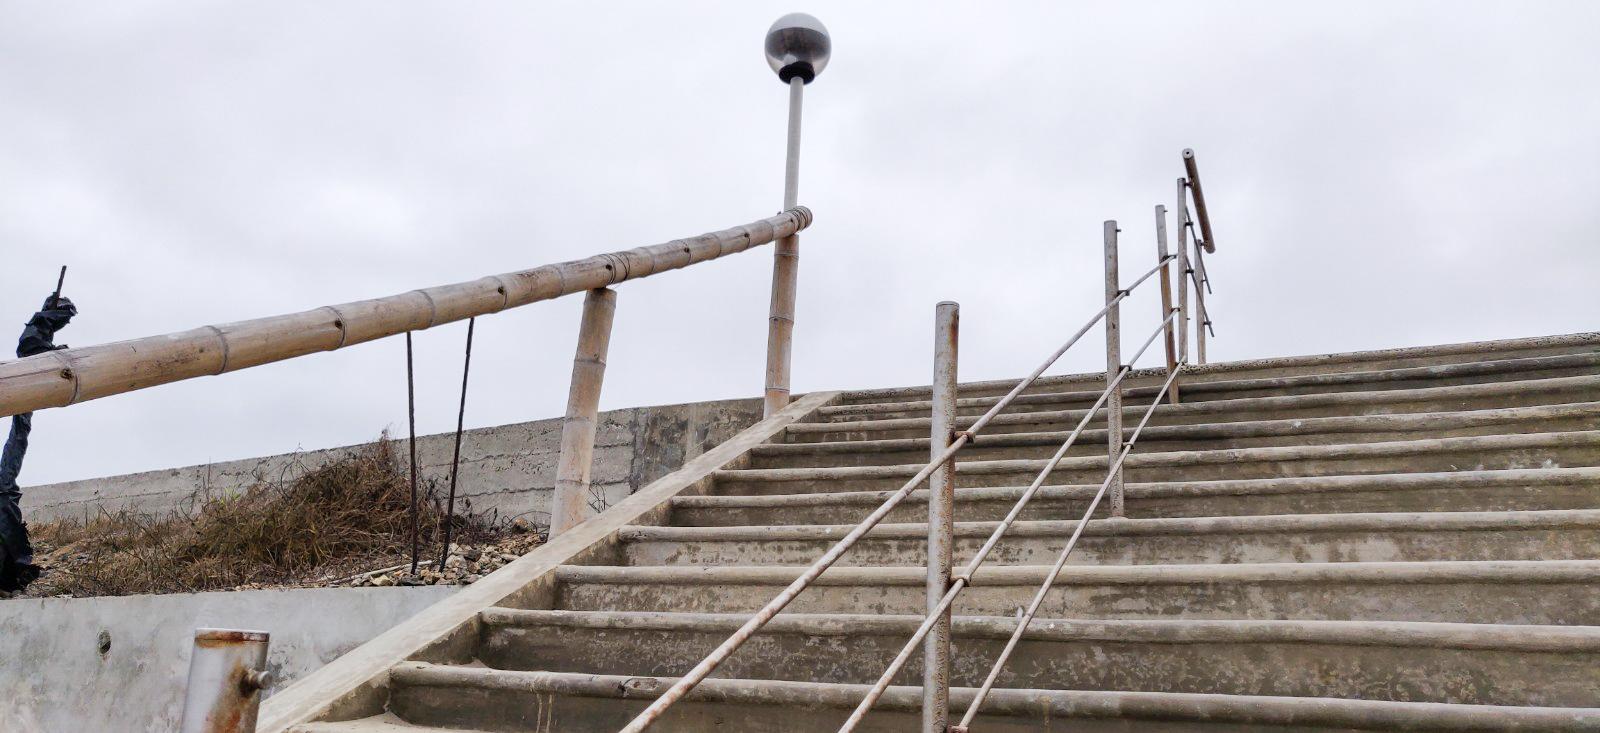 Malecon guardrails are falling apart